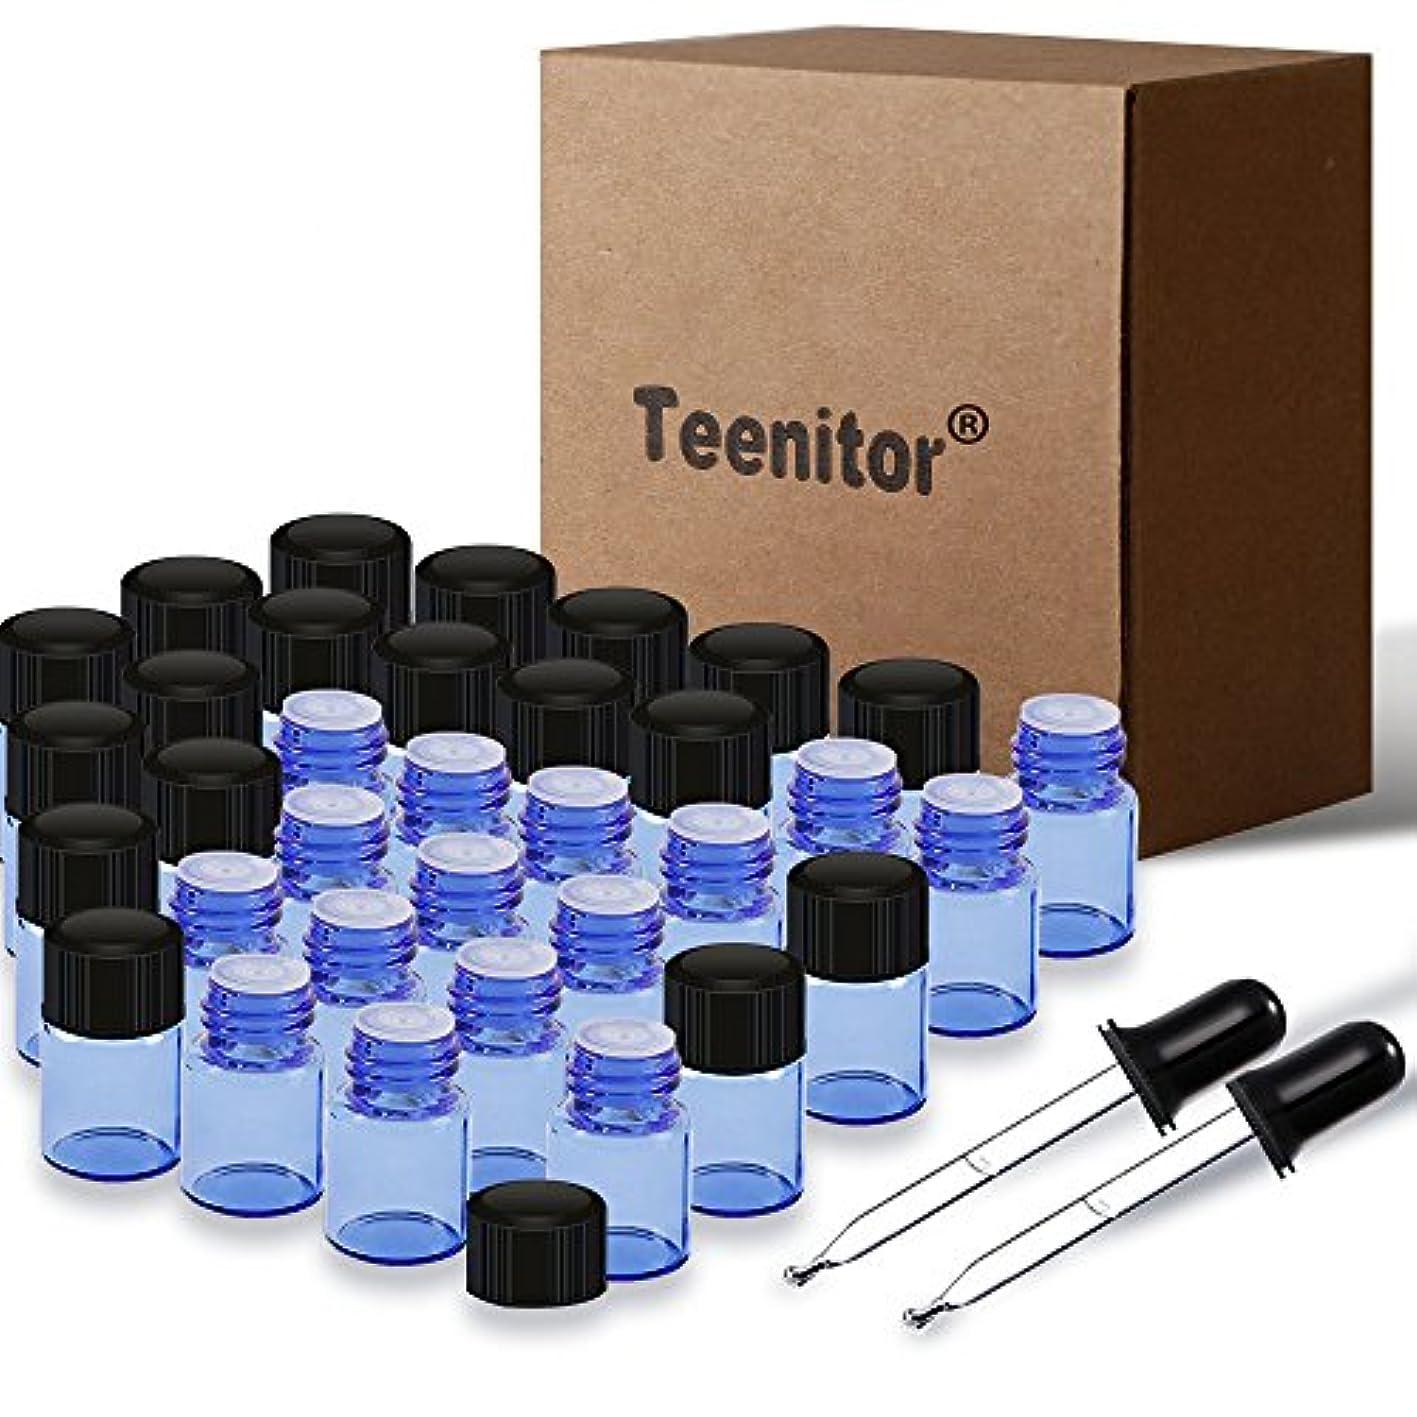 ふさわしい浅い引退したTeenitor 精油小分け 遮光瓶 2ml 36本セット 遮光ガラス瓶 スポイト付け 遮光ビン アロマ保存容器 アロマオイル瓶 香水瓶 化粧水瓶 青色